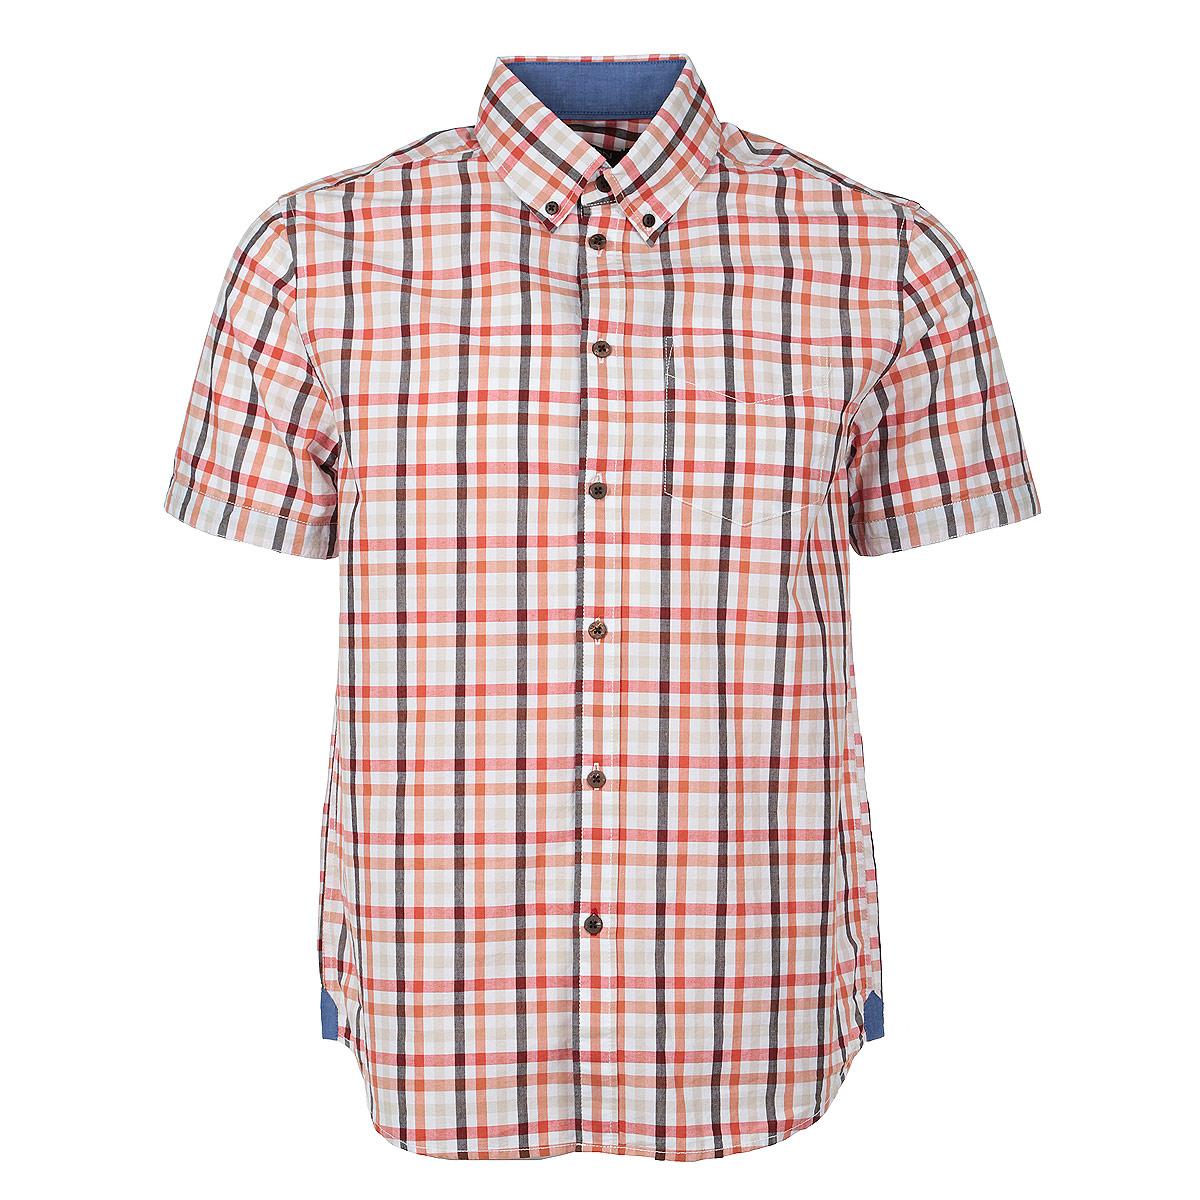 Рубашка мужская. B685001B685001Стильная мужская рубашка Baon, изготовленная из высококачественного материала, необычайно мягкая и приятная на ощупь, не сковывает движения и позволяет коже дышать, обеспечивая наибольший комфорт. Модная рубашка прямого кроя с короткими рукавами, отложным воротником и полукруглым низом. Застегивается изделие на пуговицы. На груди рубашка дополнена накладным карманом. Эта рубашка идеальный вариант для повседневного гардероба. Такая модель порадует настоящих ценителей комфорта и практичности!